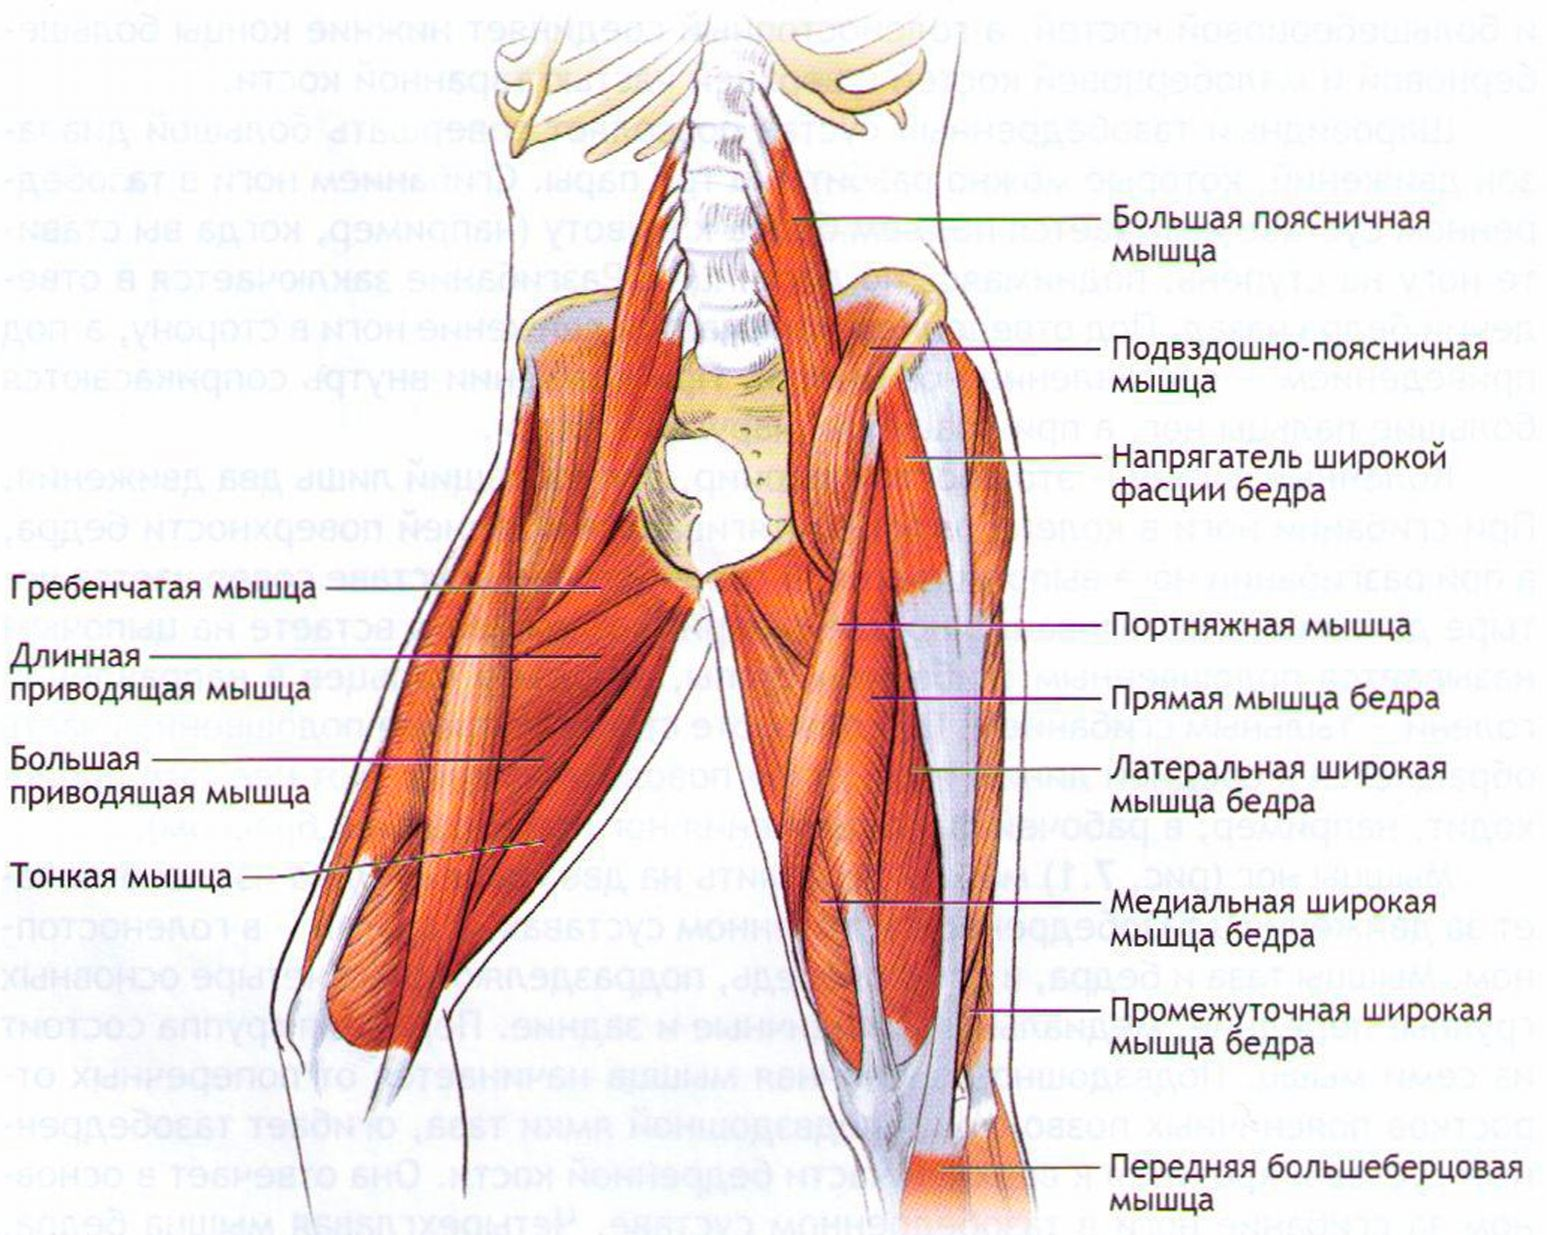 Мышца Запирательная